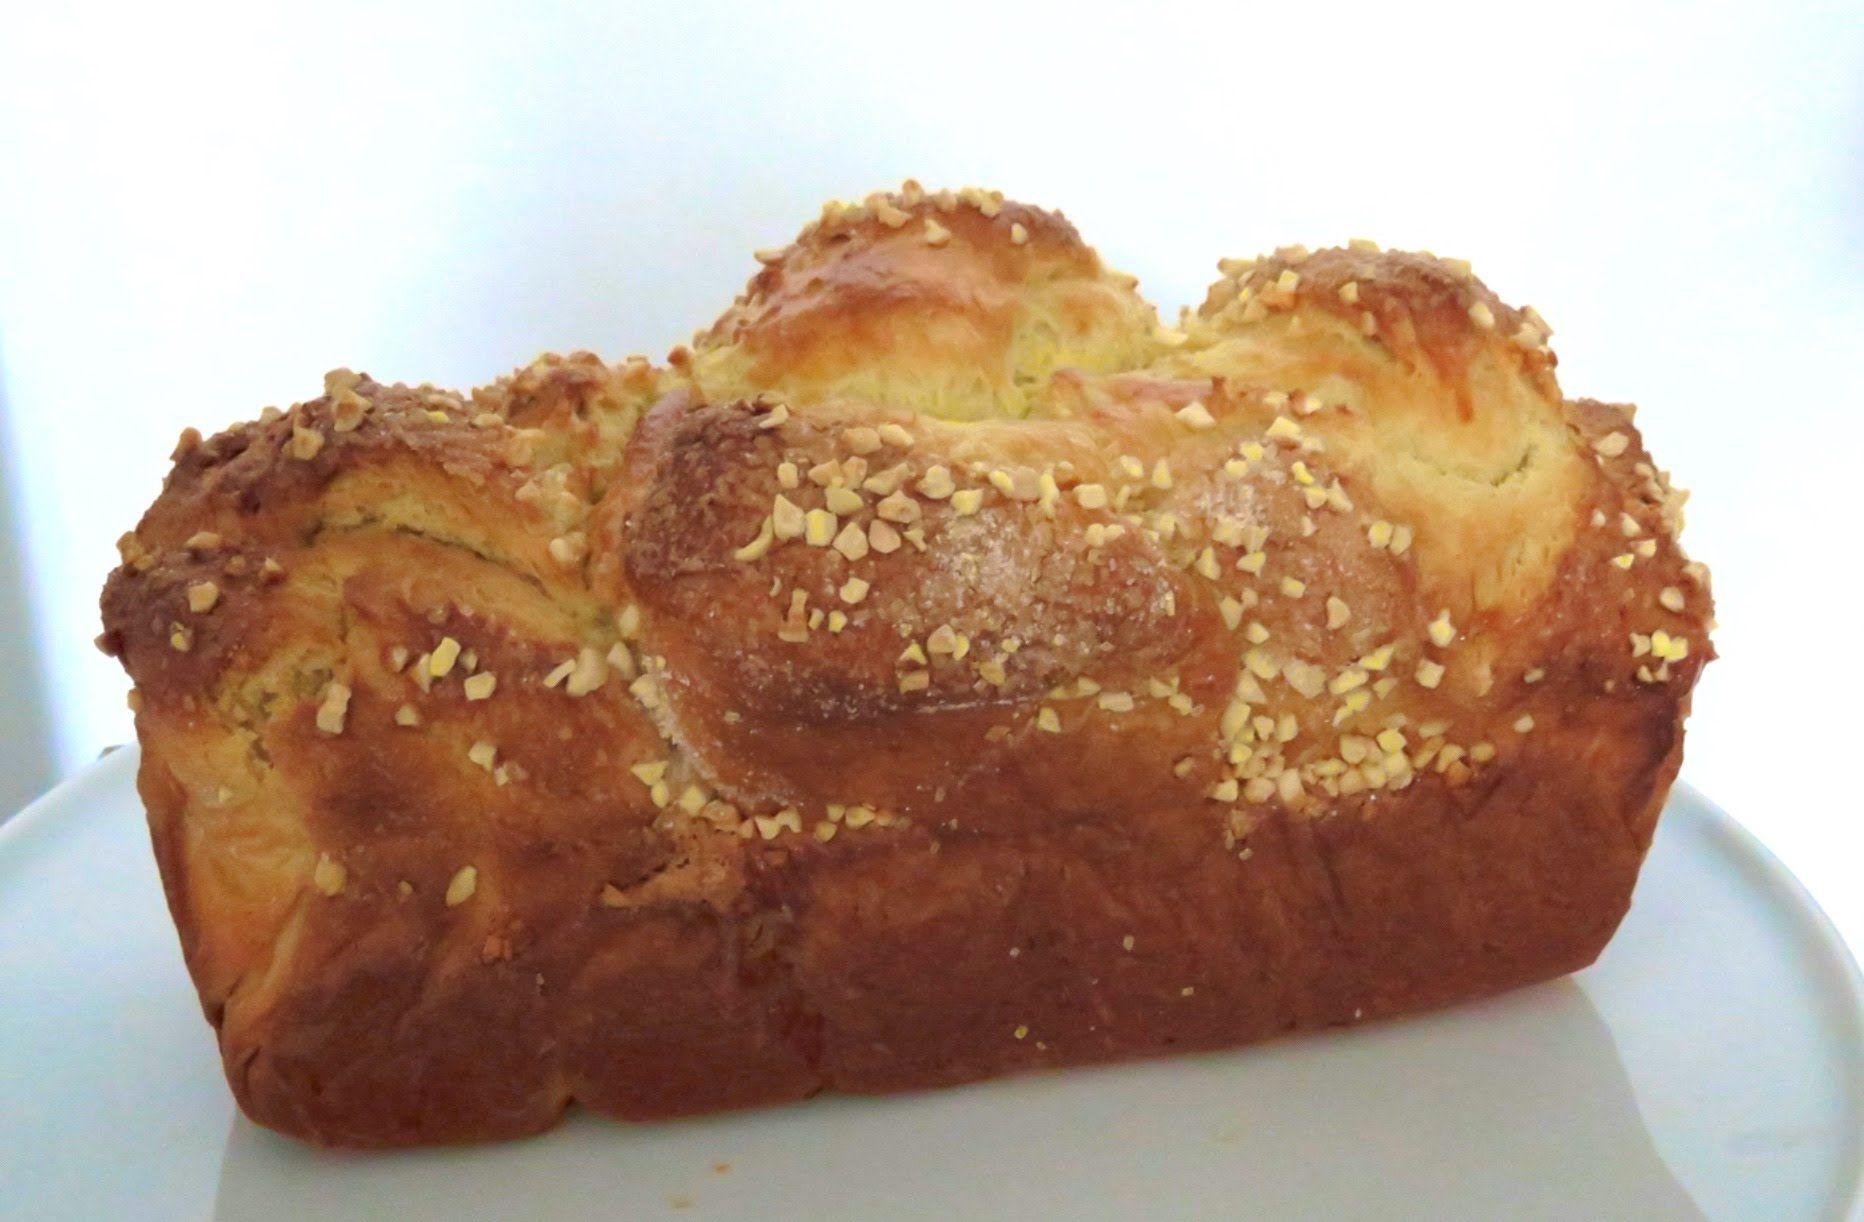 Brioche Recipe - Super easy and delicious!